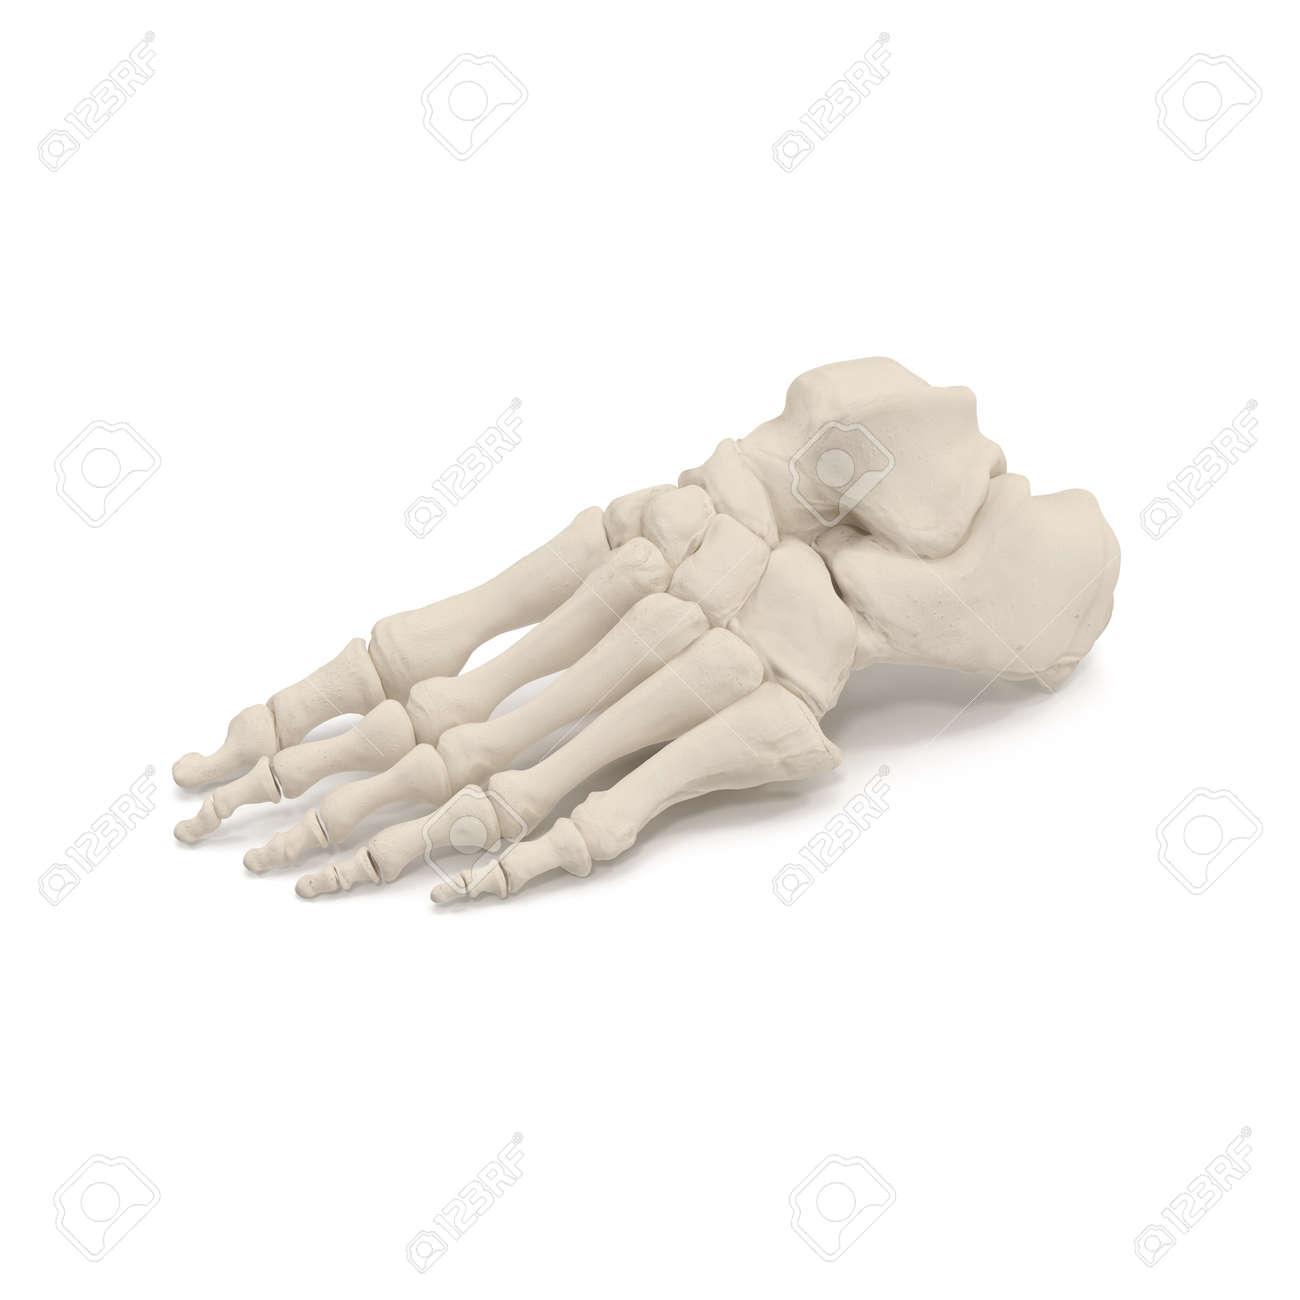 Atemberaubend Beinskelett Ideen - Anatomie Und Physiologie Knochen ...